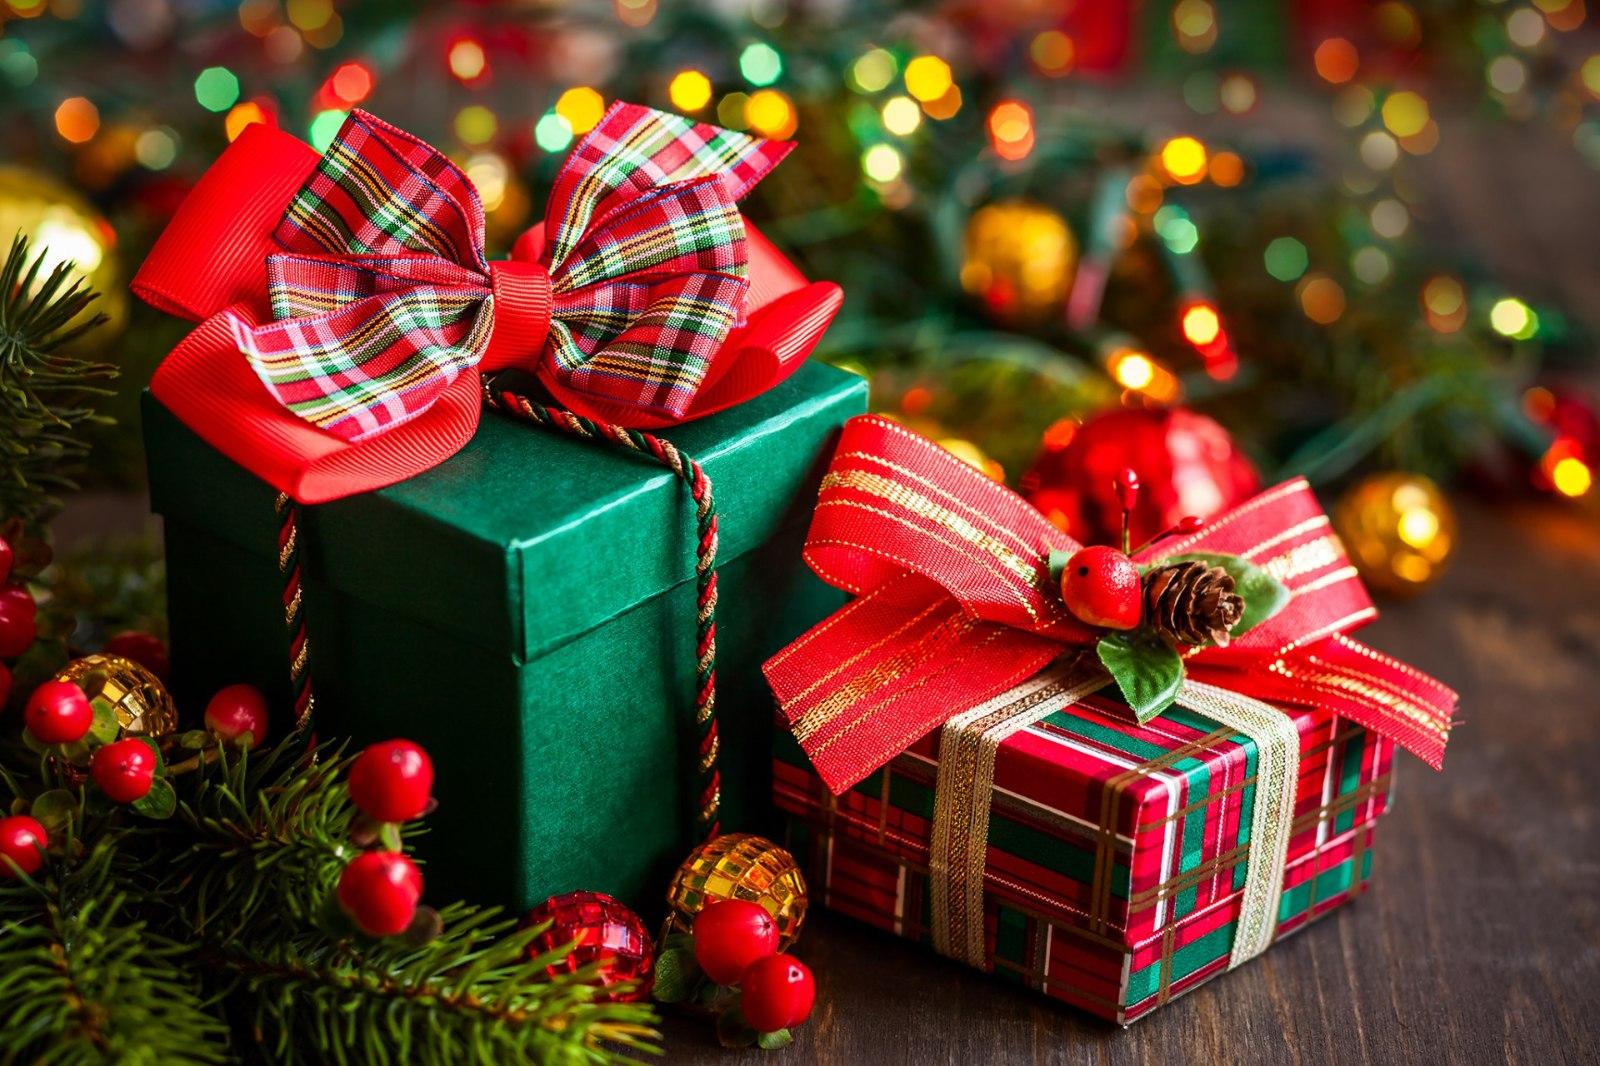 ТОП 8 идей желанных новогодних подарков в год